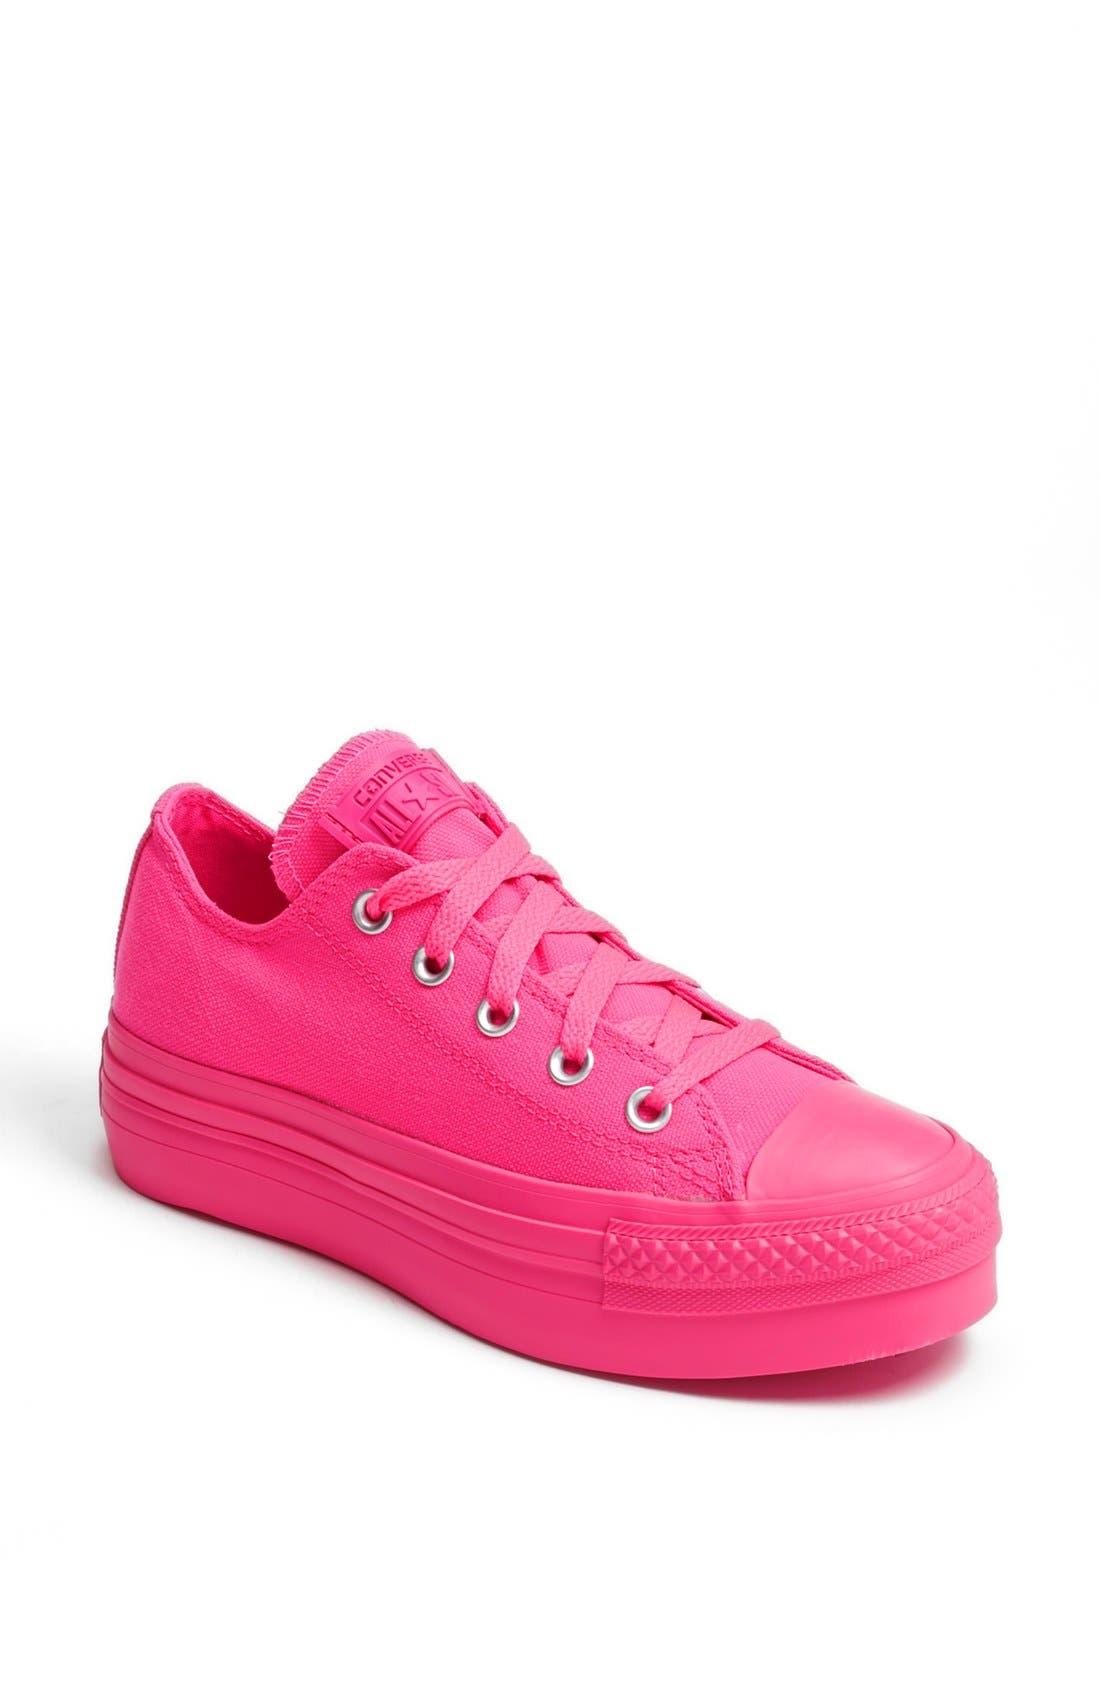 Main Image - Converse Chuck Taylor® All Star® Platform Sneaker (Women)